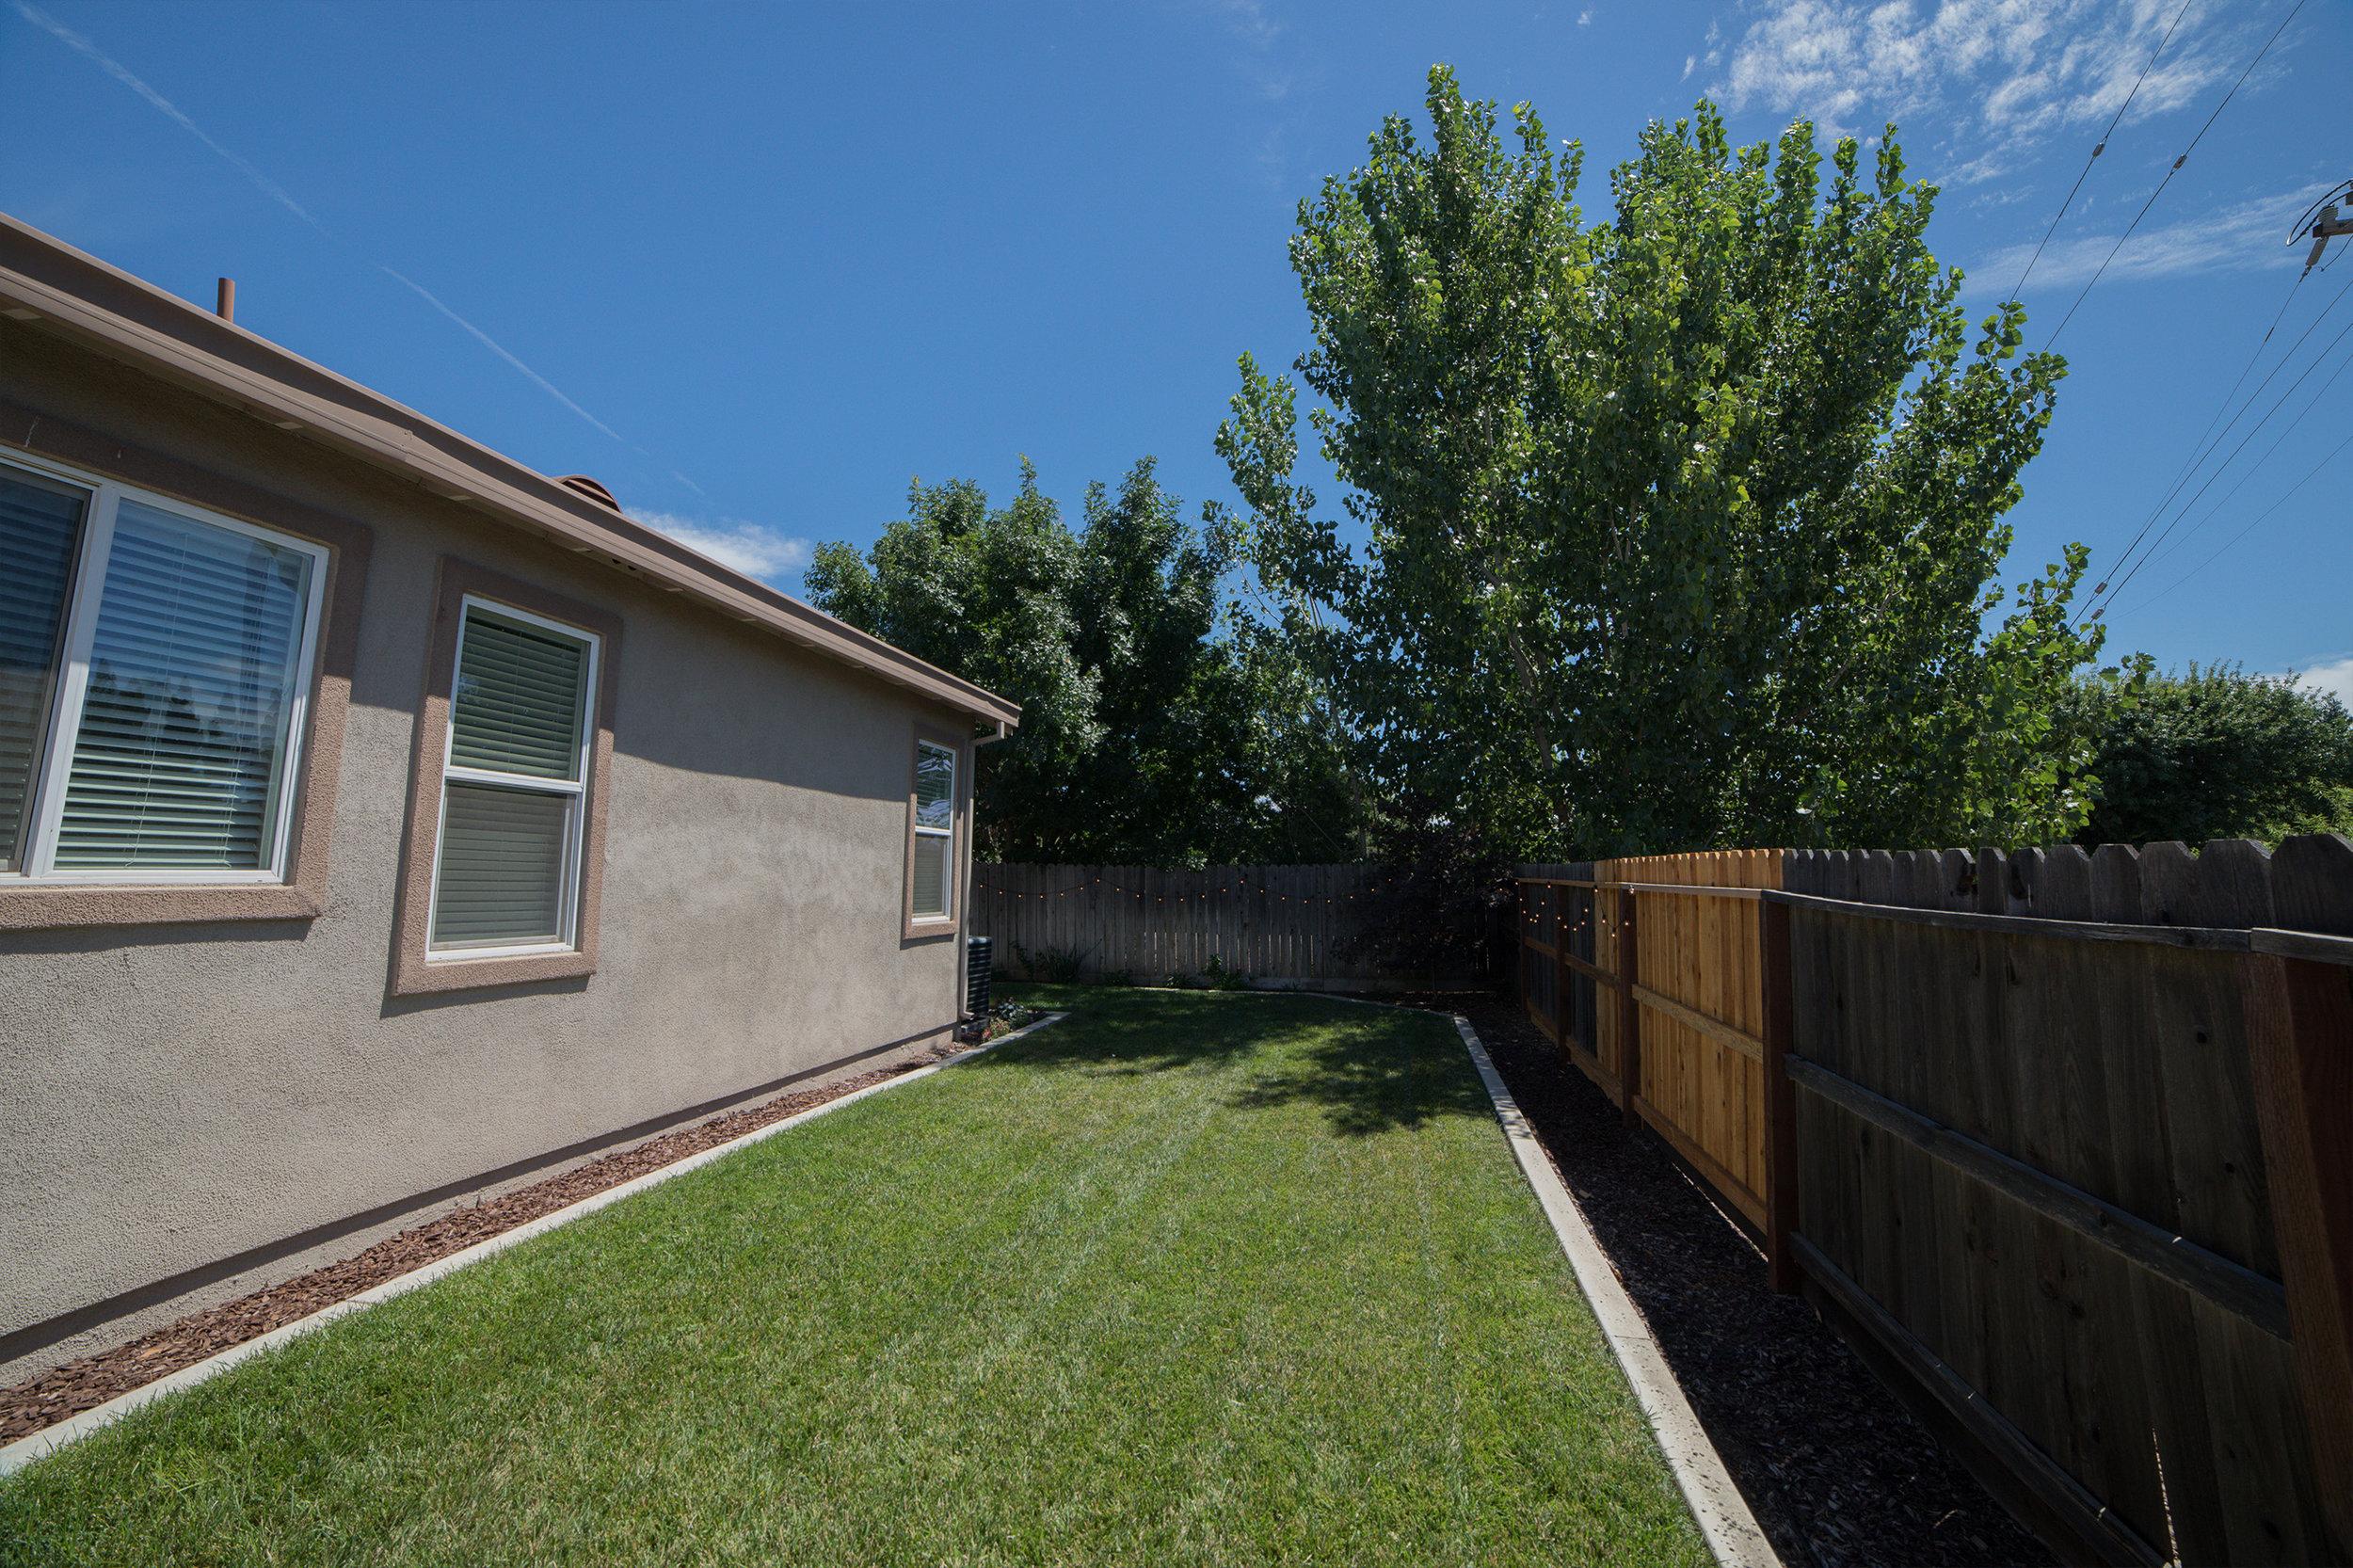 Backyard - 08.jpg